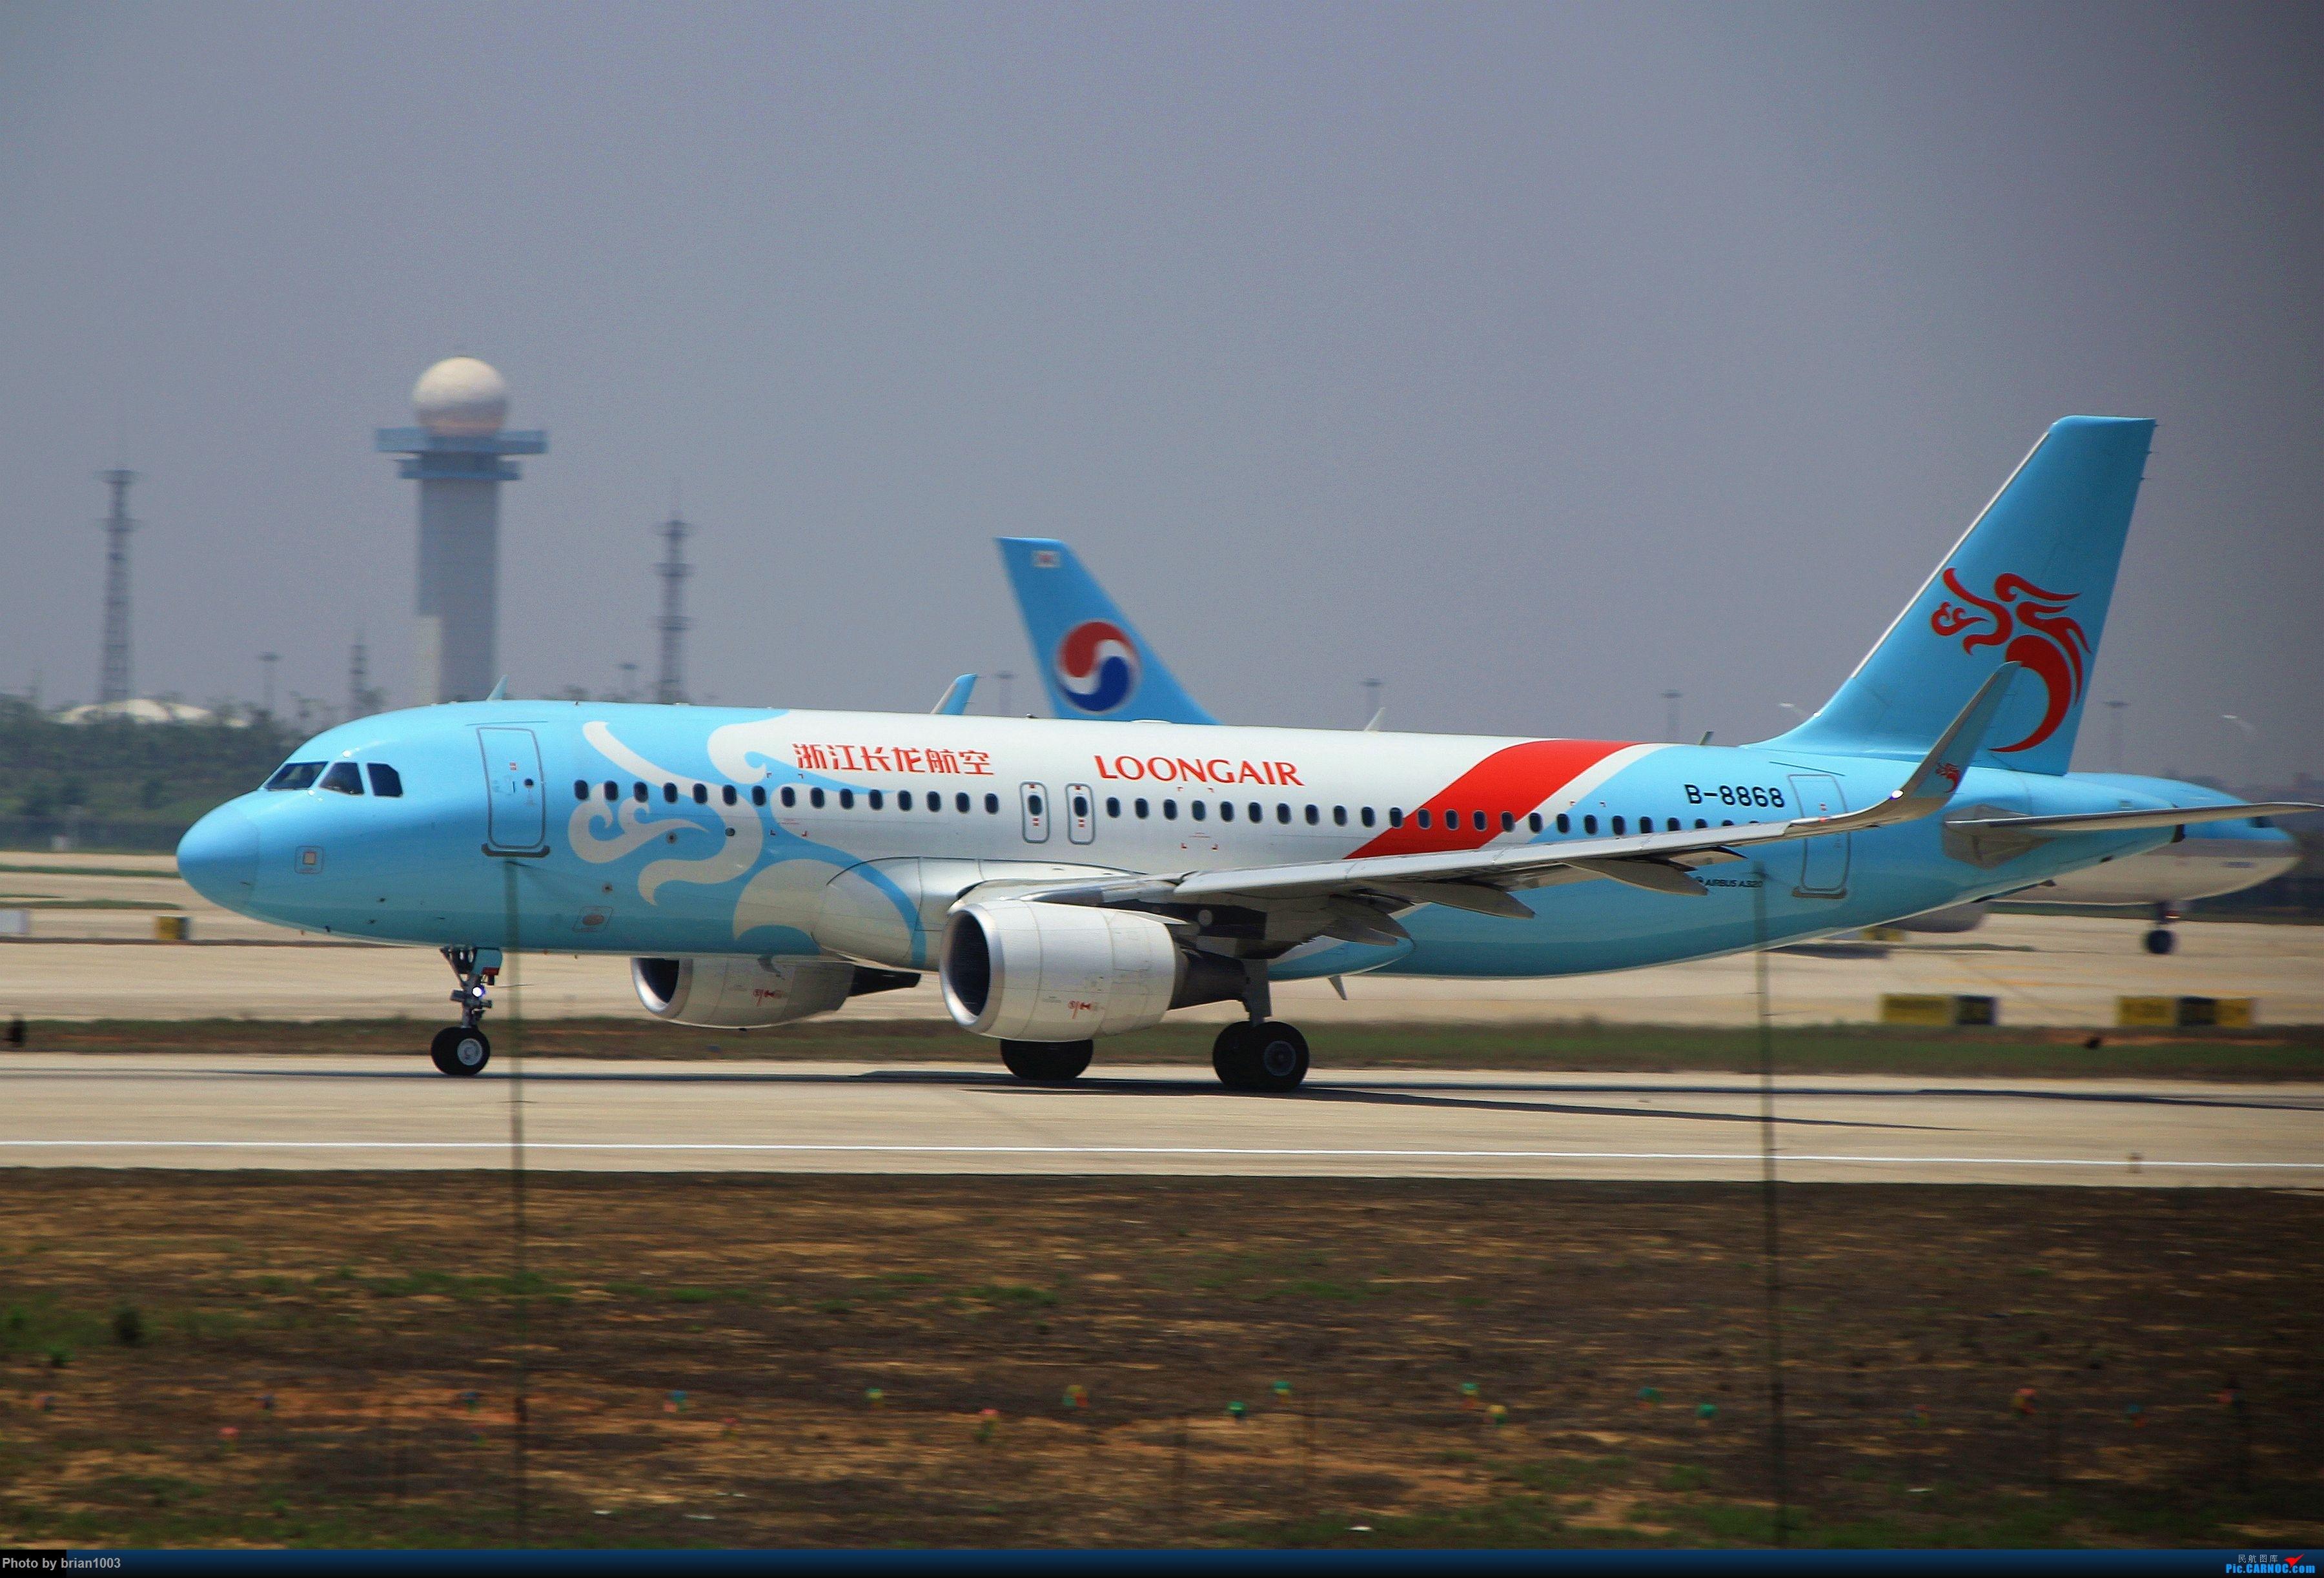 [原创]WUH武汉天河机场拍机之喜迎酷航788和偶遇某其他飞机 AIRBUS A320-200 B-8868 WUH